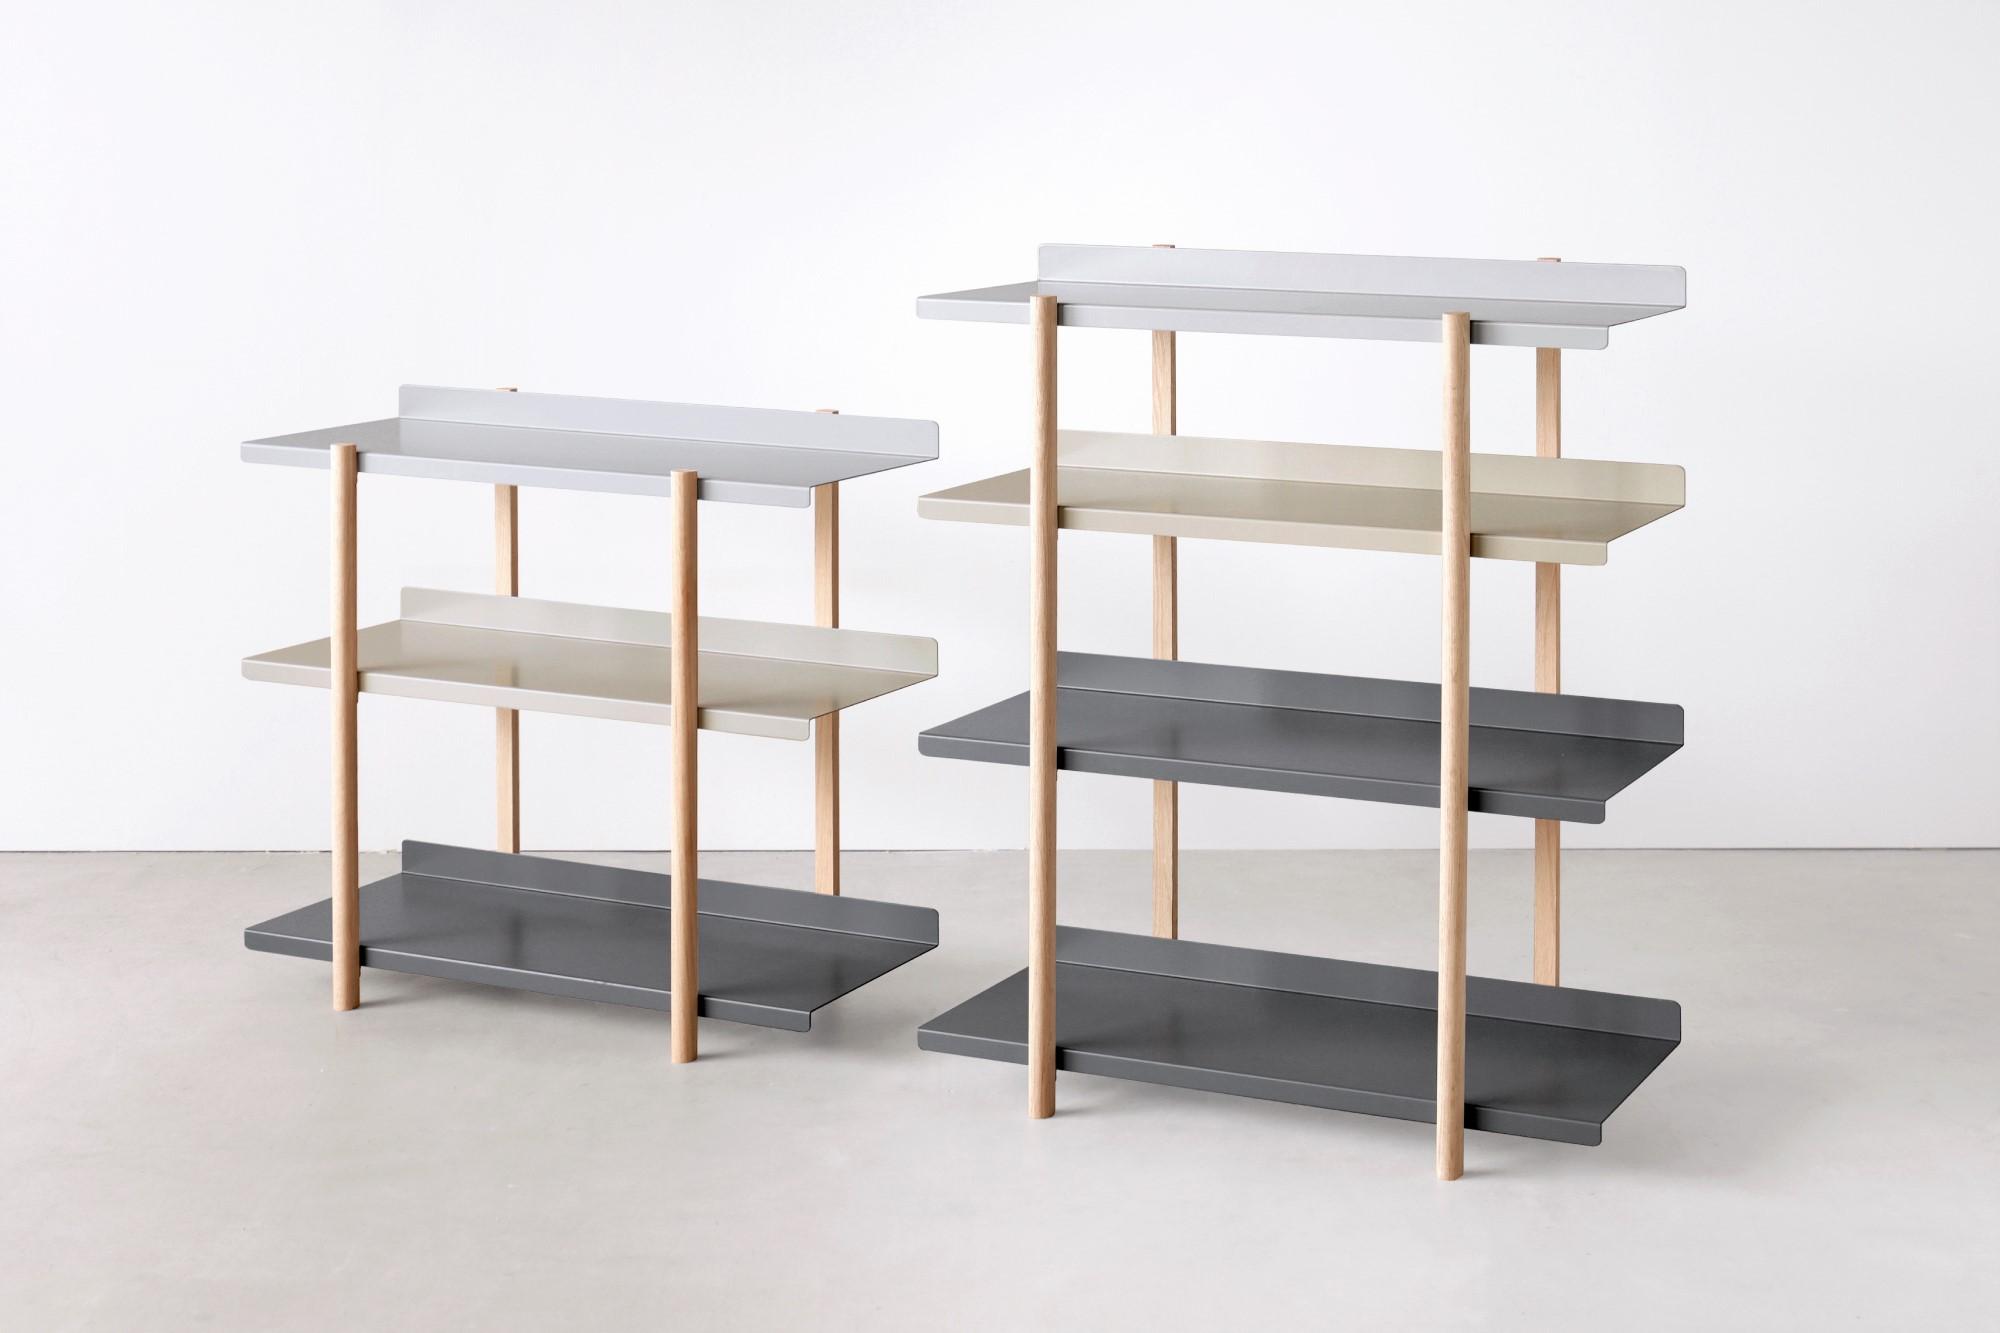 シェルフは「4段タイプ」と「3段タイプ」の2種類。色違いの棚板を入れ替えるたびに、新鮮な空間づくりができる「シェルフ(棚)」DUENDE Marge Shelf(デュエンデ マージ シェルフ)